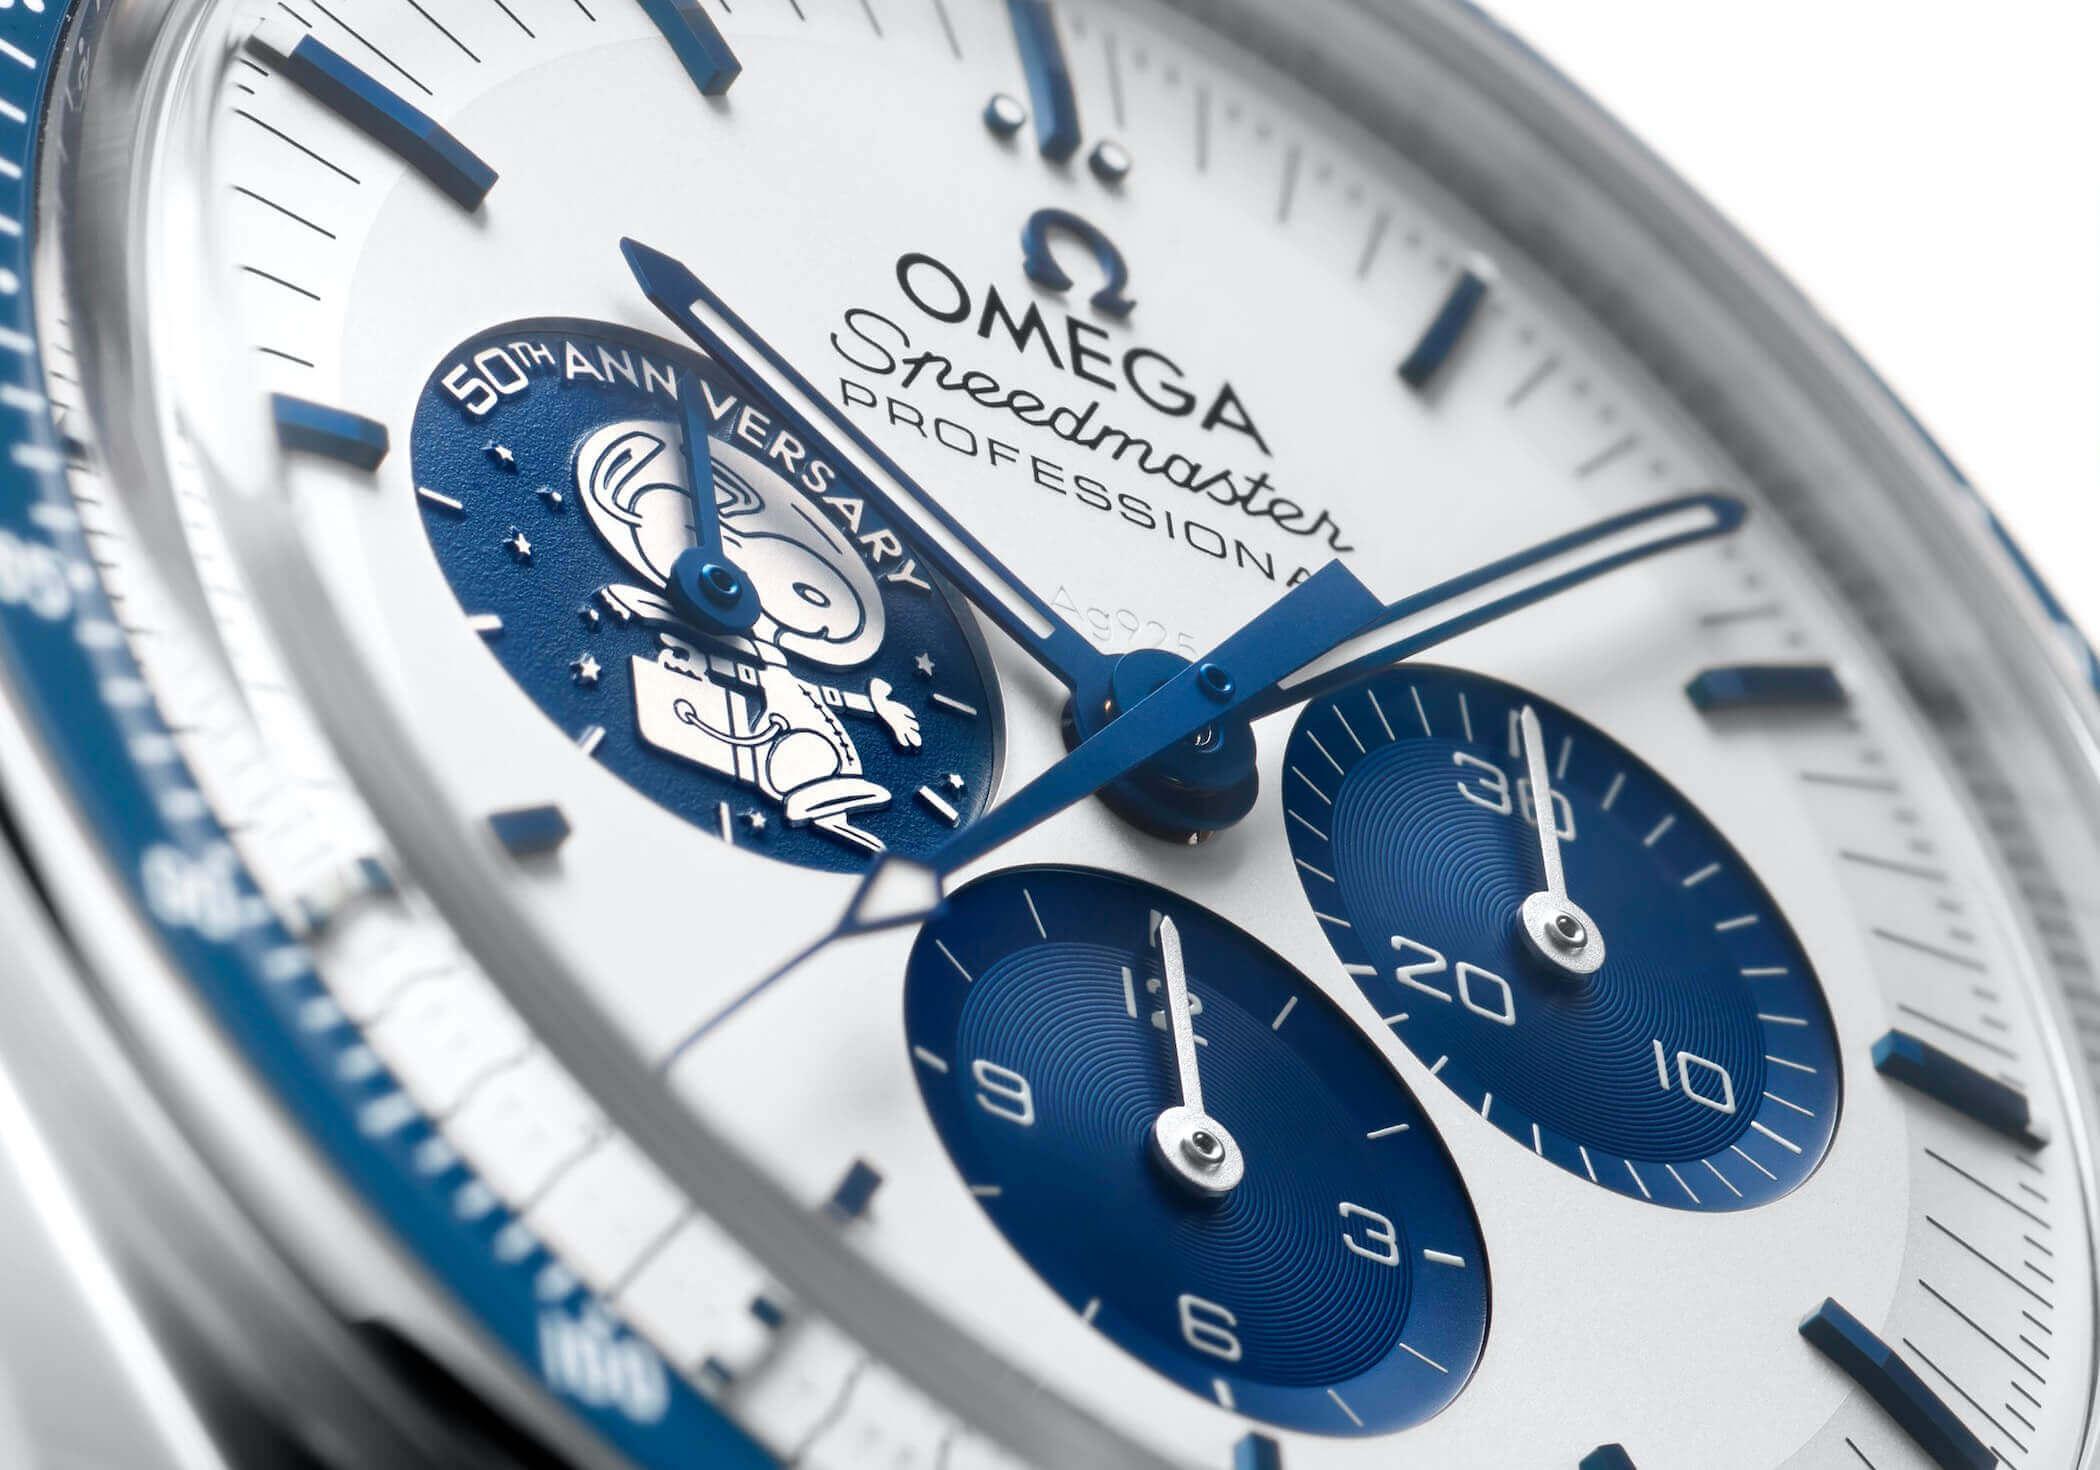 omega silver snoppy hakkında bilgi